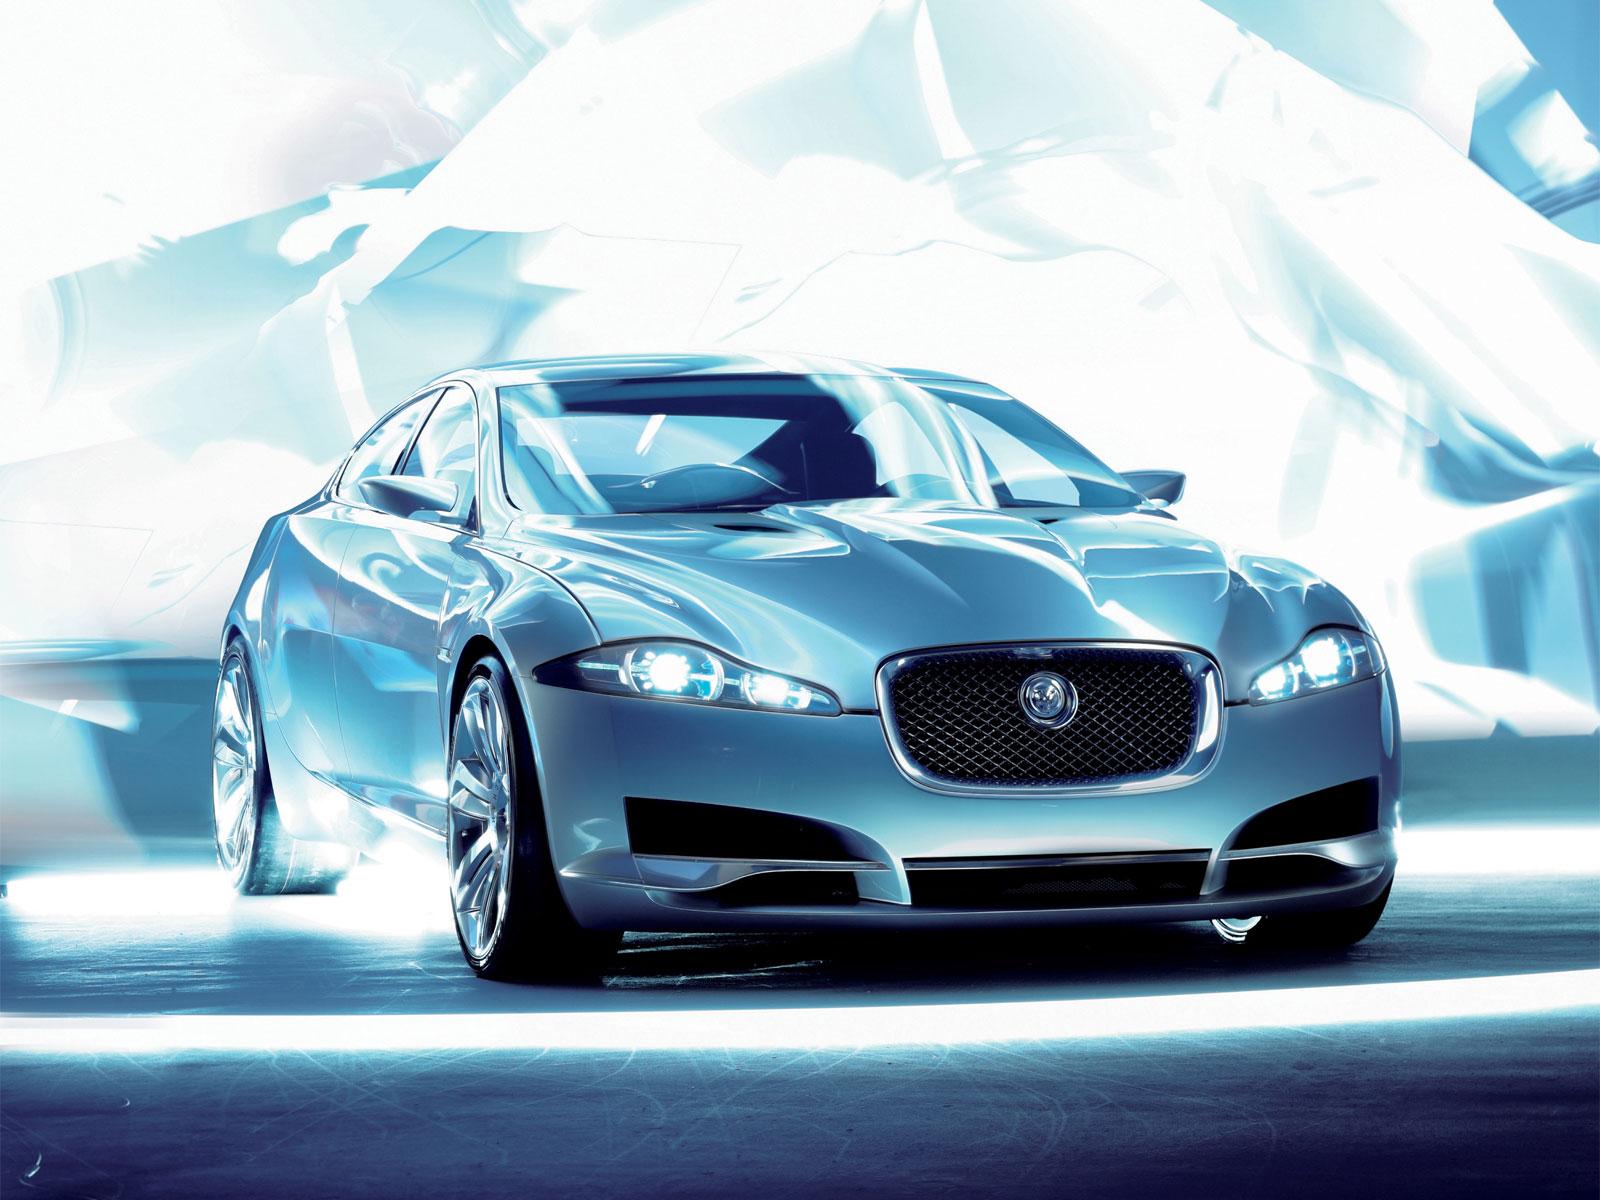 Jaguar Cars HD Wallpapers Jaguar HD Wallpapers Download Full 1600x1200